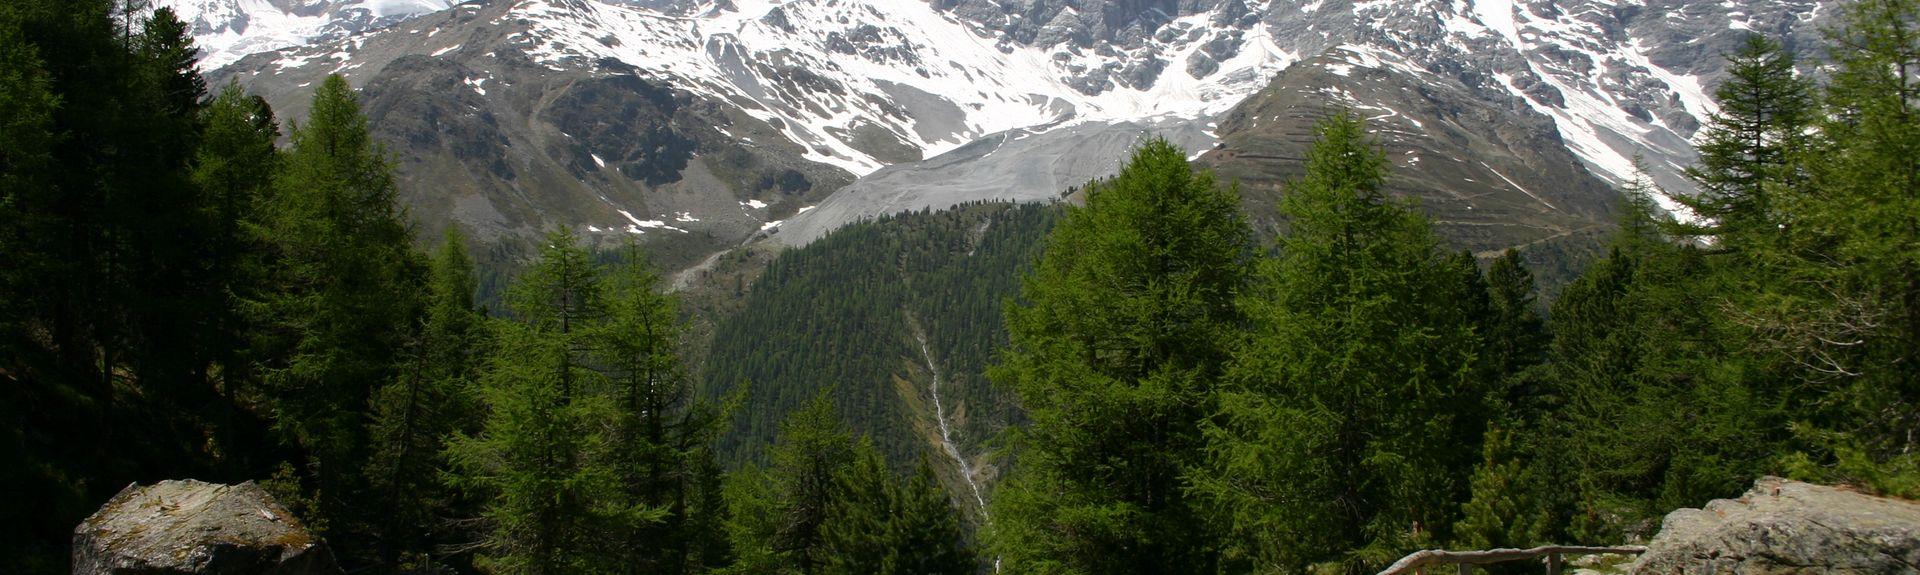 Tubre, Trentin-Haut-Adige, Italie